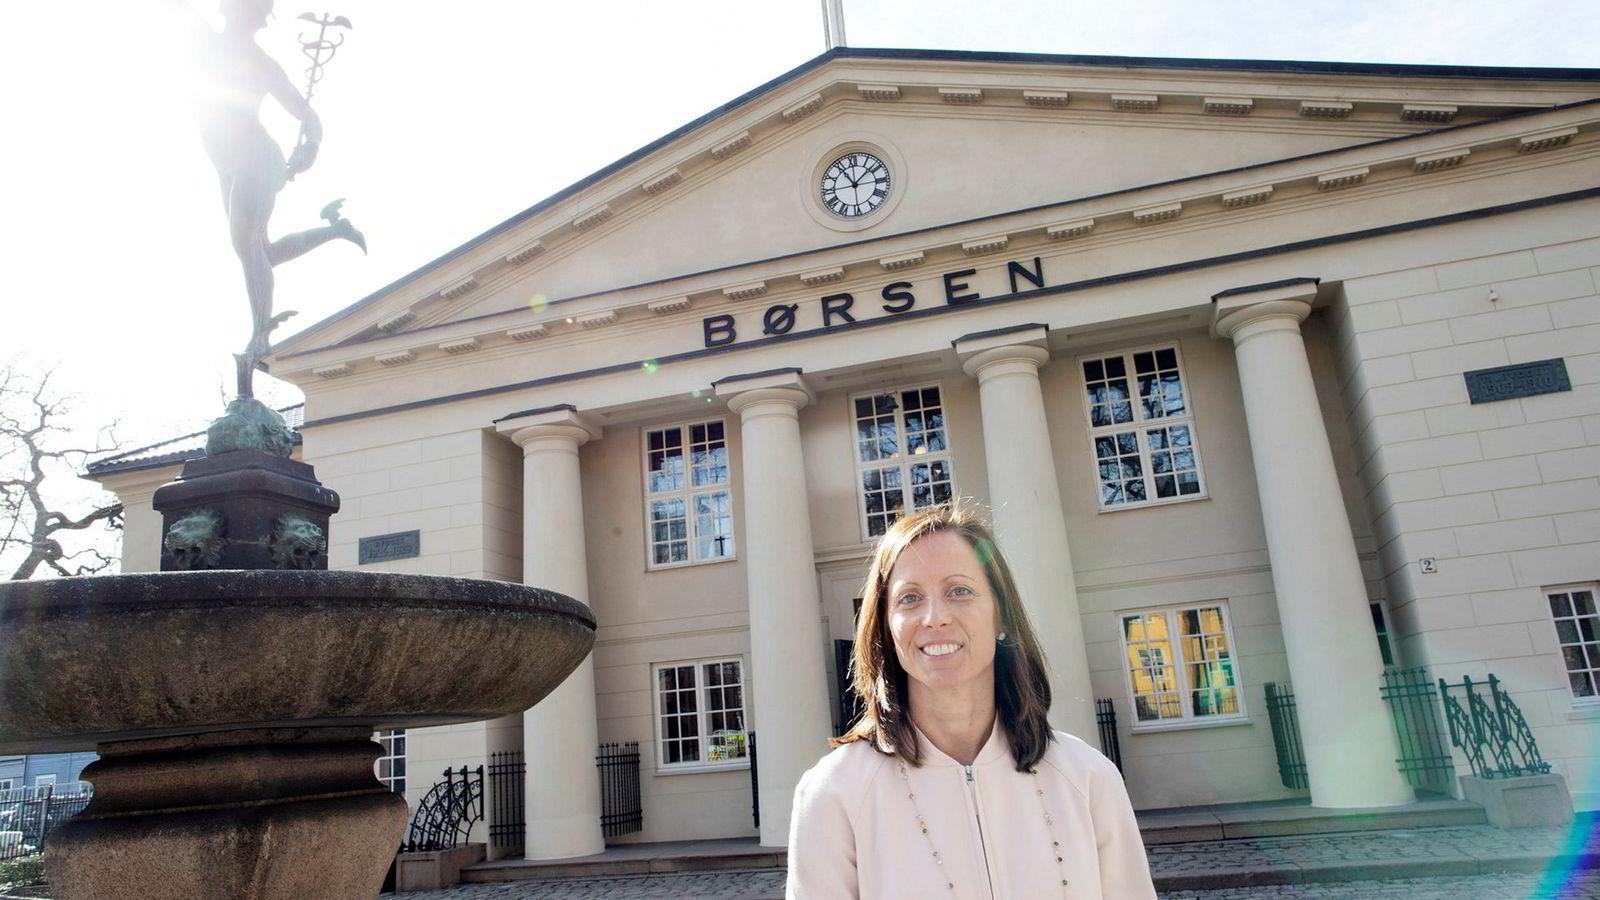 Toppsjef i den amerikanske børsgruppen Nasdaq, Adena Friedman, var i april i Oslo for å promotere selskapets bud på Oslo Børs VPS. Nå setter Nasdaq inn et siste stormløp for å overbevise norske myndigheter om at de er den beste eieren av børsen.